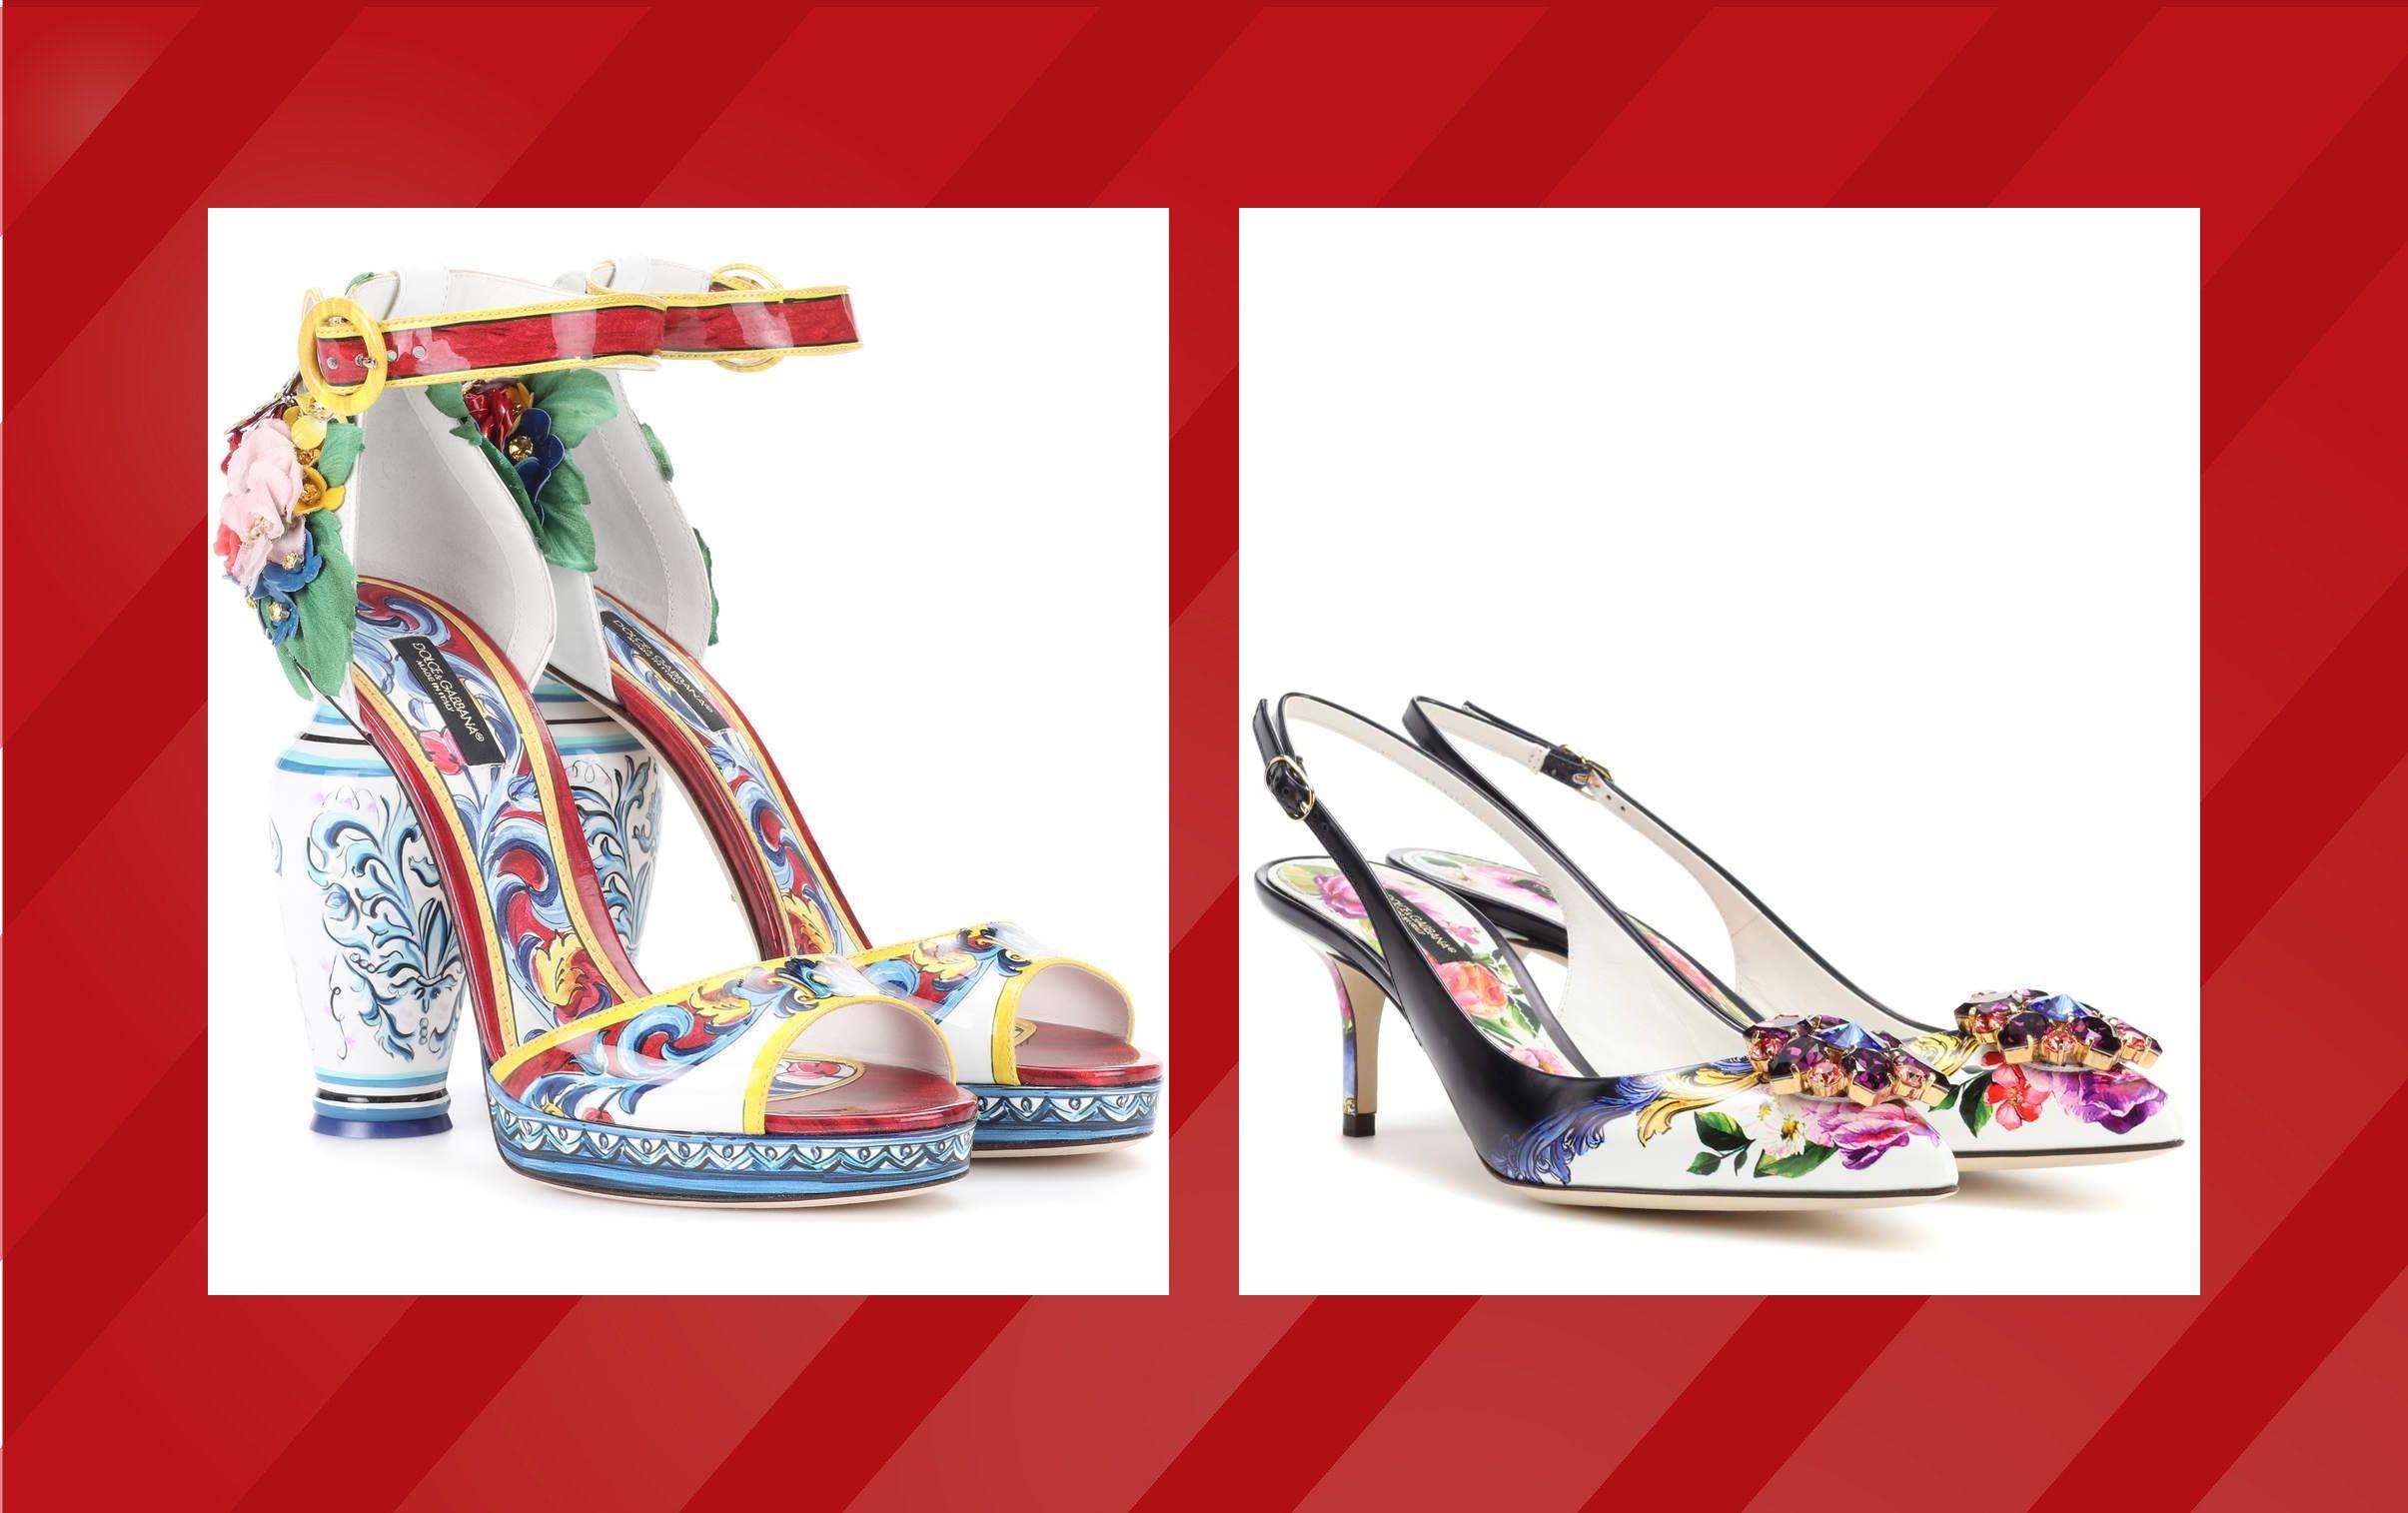 Ljepotice iz radionice Dolce & Gabbana koje definitivno želimo u ormaru